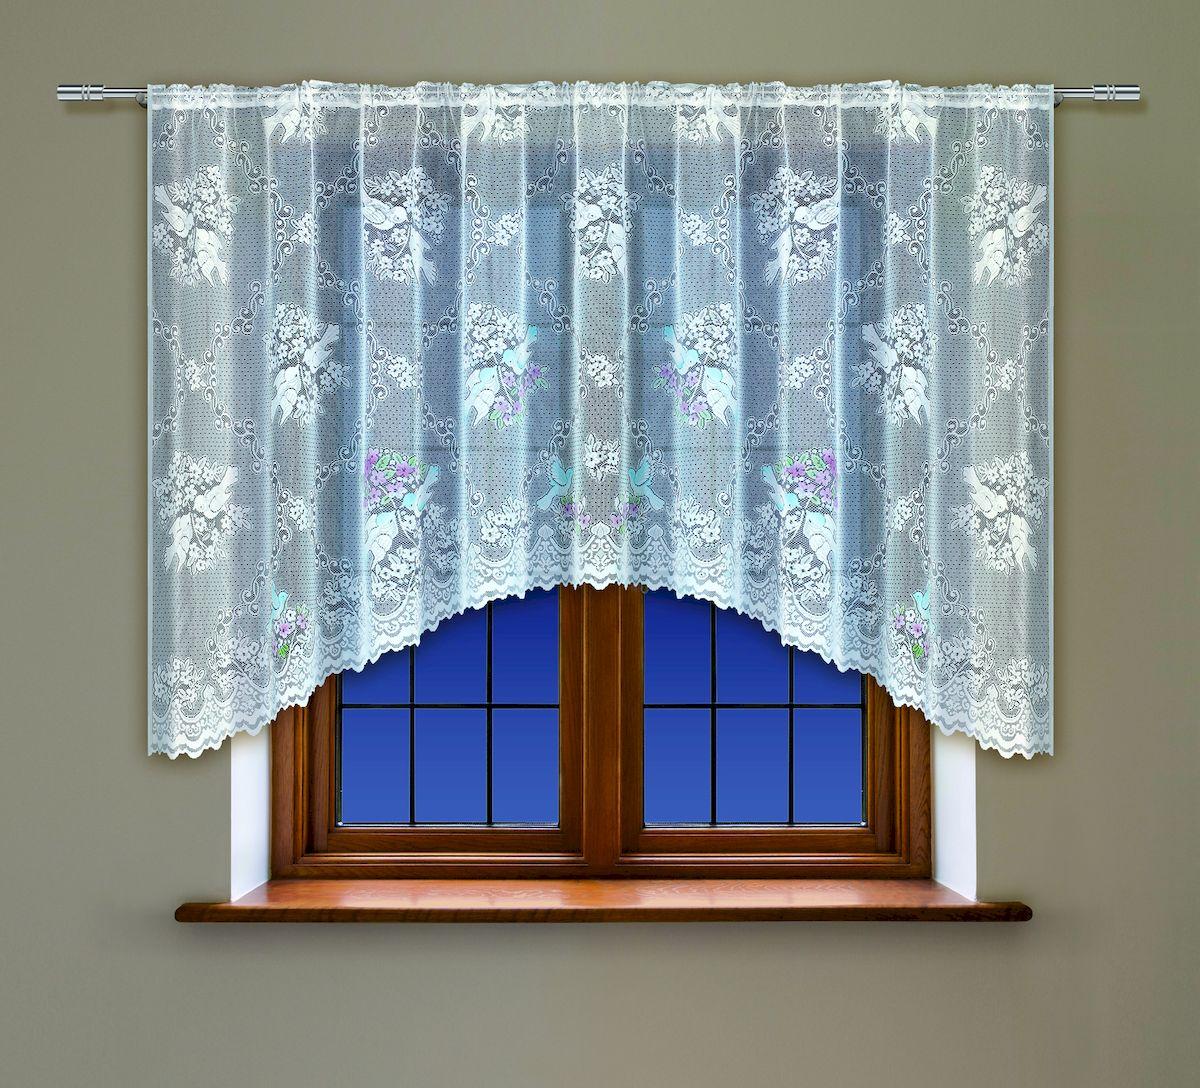 Гардина Haft, на кулиске, цвет: белый, высота 137 см. 2221613111815376Воздушная гардина Haft, выполненная из полиэстера, великолепно украсит любое окно.Изделие имеет оригинальный дизайн и органично впишется в интерьер помещения.Гардина крепится на карниз при помощи кулиски.